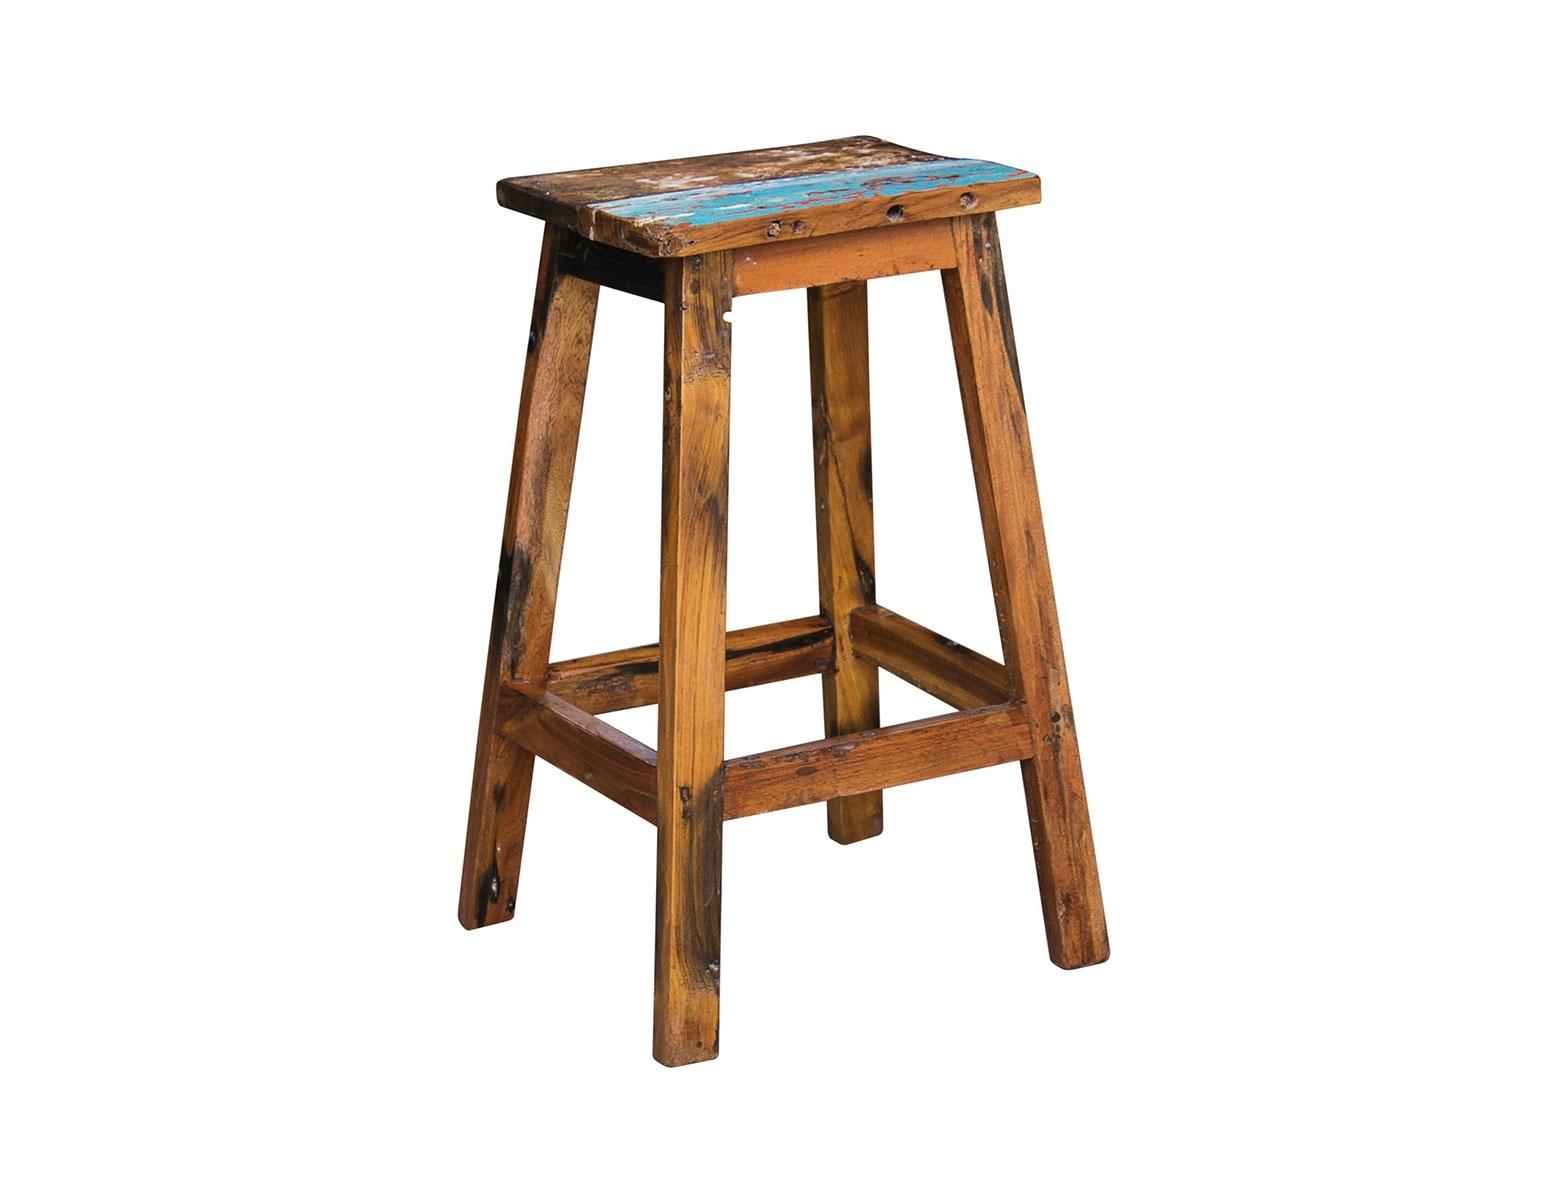 Барный стул ЛомоносовБарные стулья<br>Стул барный, выполненный из массива древесины старого рыбацкого судна, такой как: тик, махогон, суар, с сохранением оригинальной многослойной окраски.<br><br>Компактный барный стул без спинки. Отличный вариант для баров, ресторанов, кафе, а также для жилых пространств.<br>Подходит для использования как внутри помещения, так и снаружи.<br>Сборка не требуется.<br><br>Material: Тик<br>Width см: 40<br>Depth см: 30<br>Height см: 75